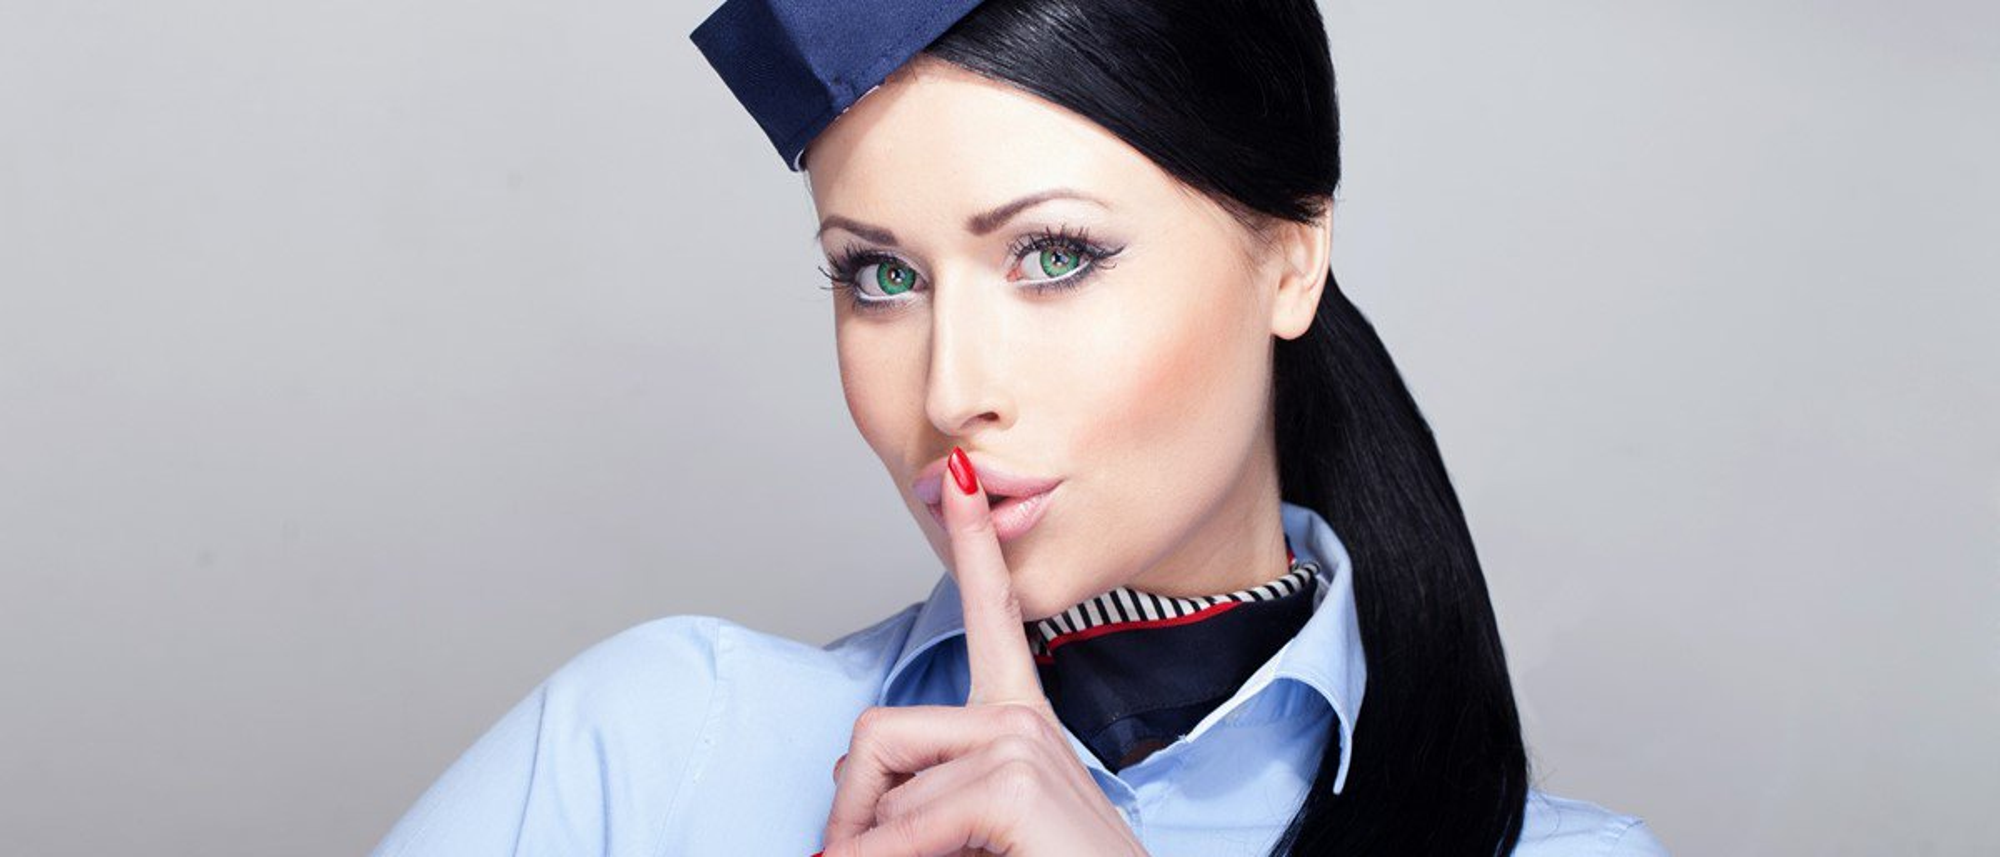 O cheiro dos aviões é muito mais nojento e tóxico do que você imagina